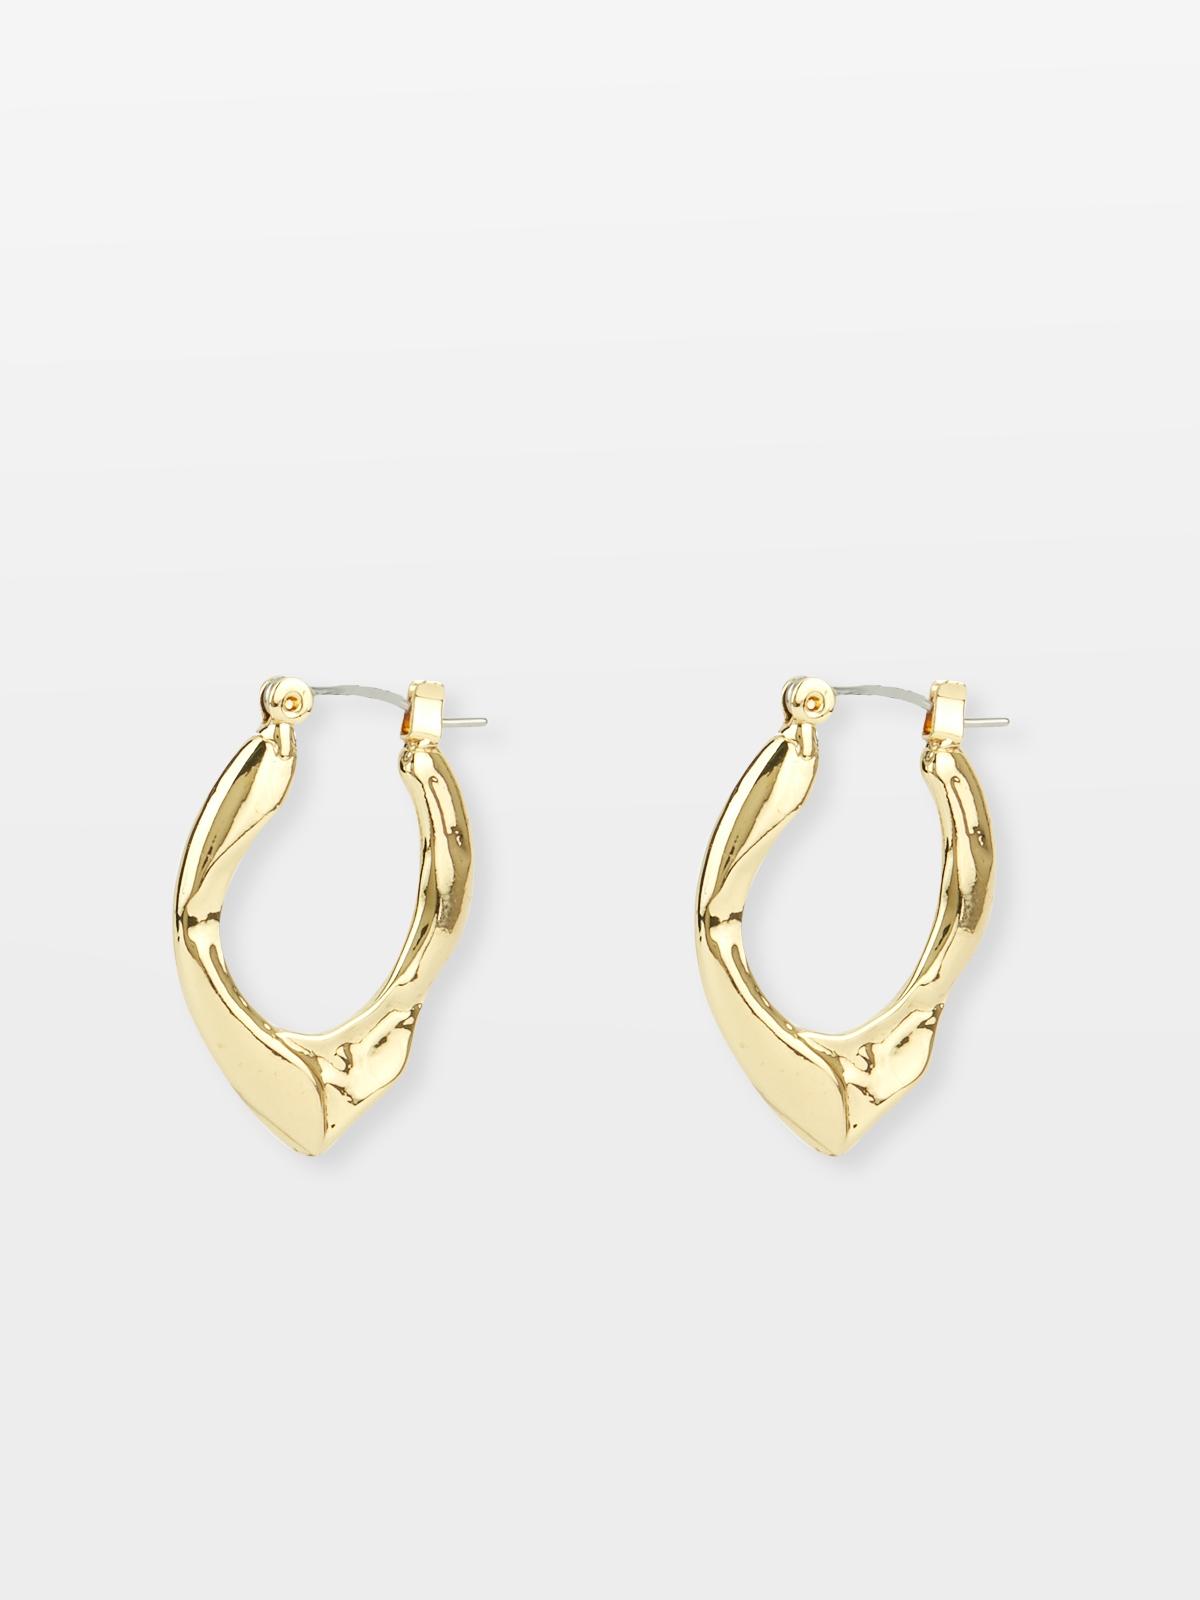 Circular Textured Hoop Earrings Gold